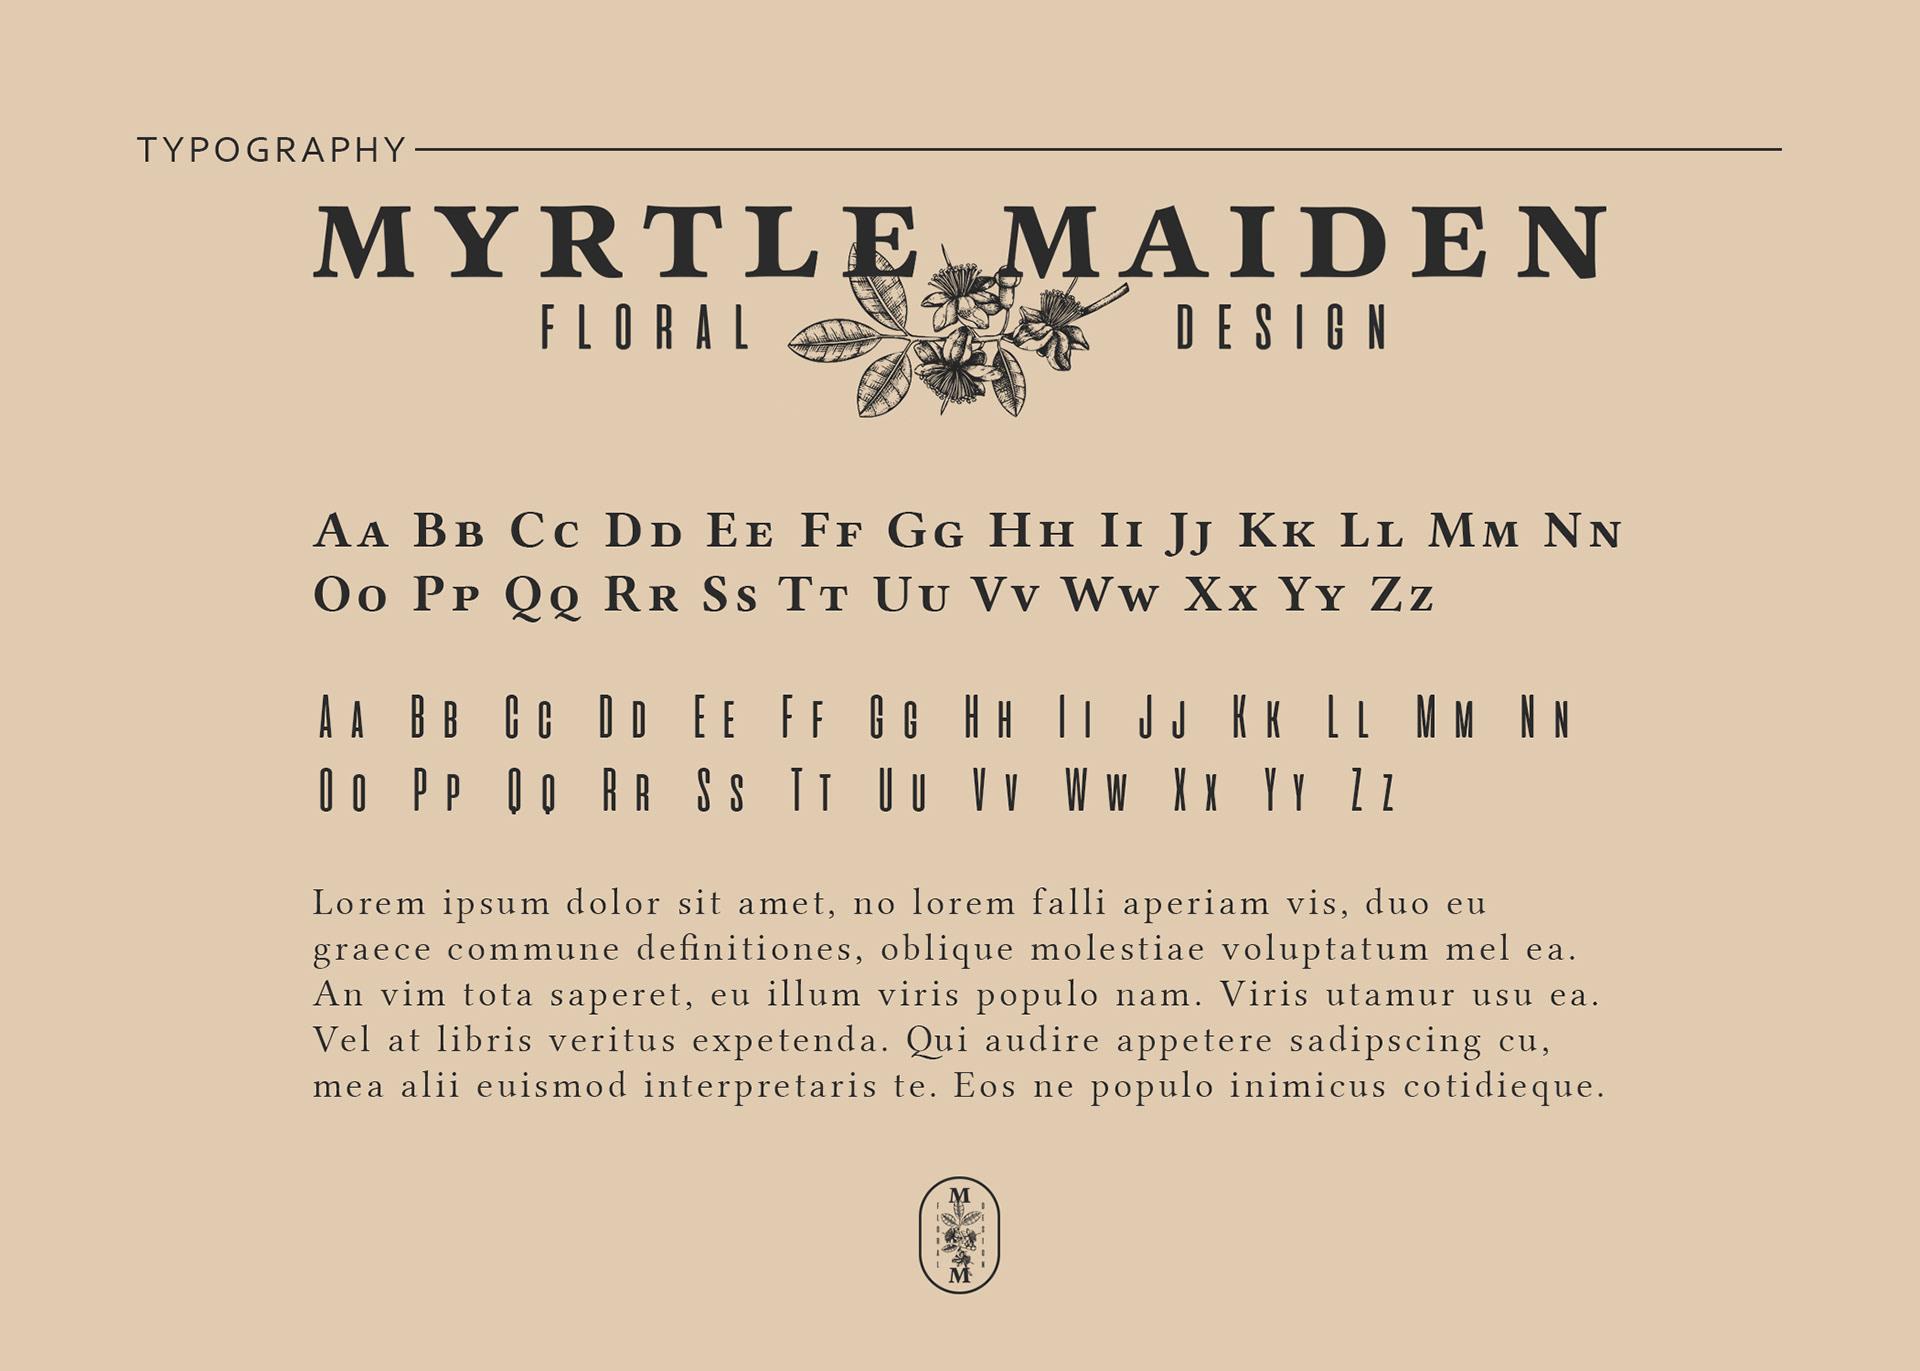 myrtle maiden typography.jpg